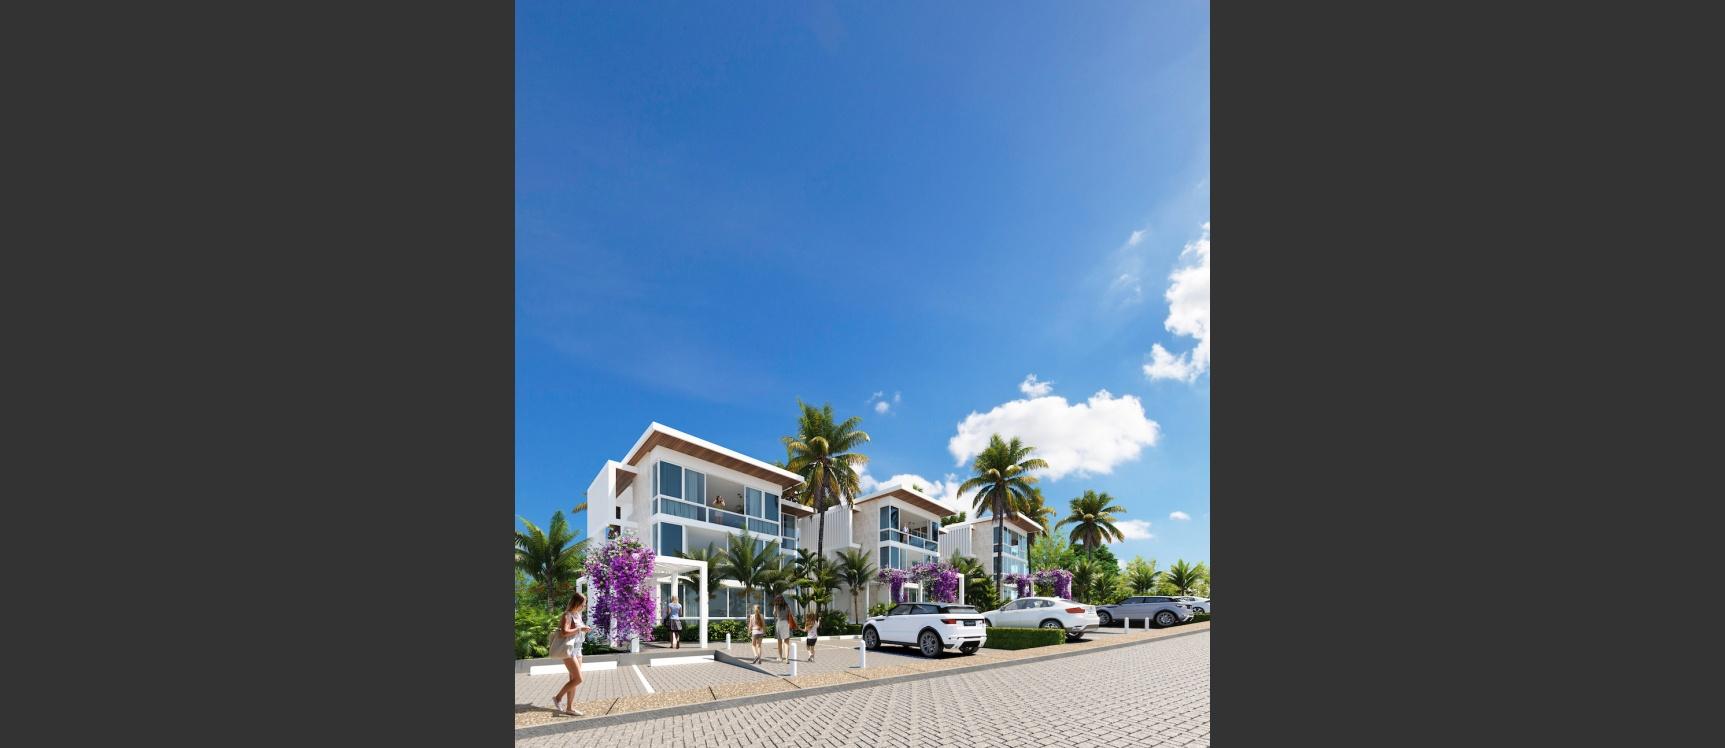 GeoBienes - Departamento 3 Dormitorios - Vista 2 - Segundo Piso - Plusvalia Guayaquil Casas de venta y alquiler Inmobiliaria Ecuador